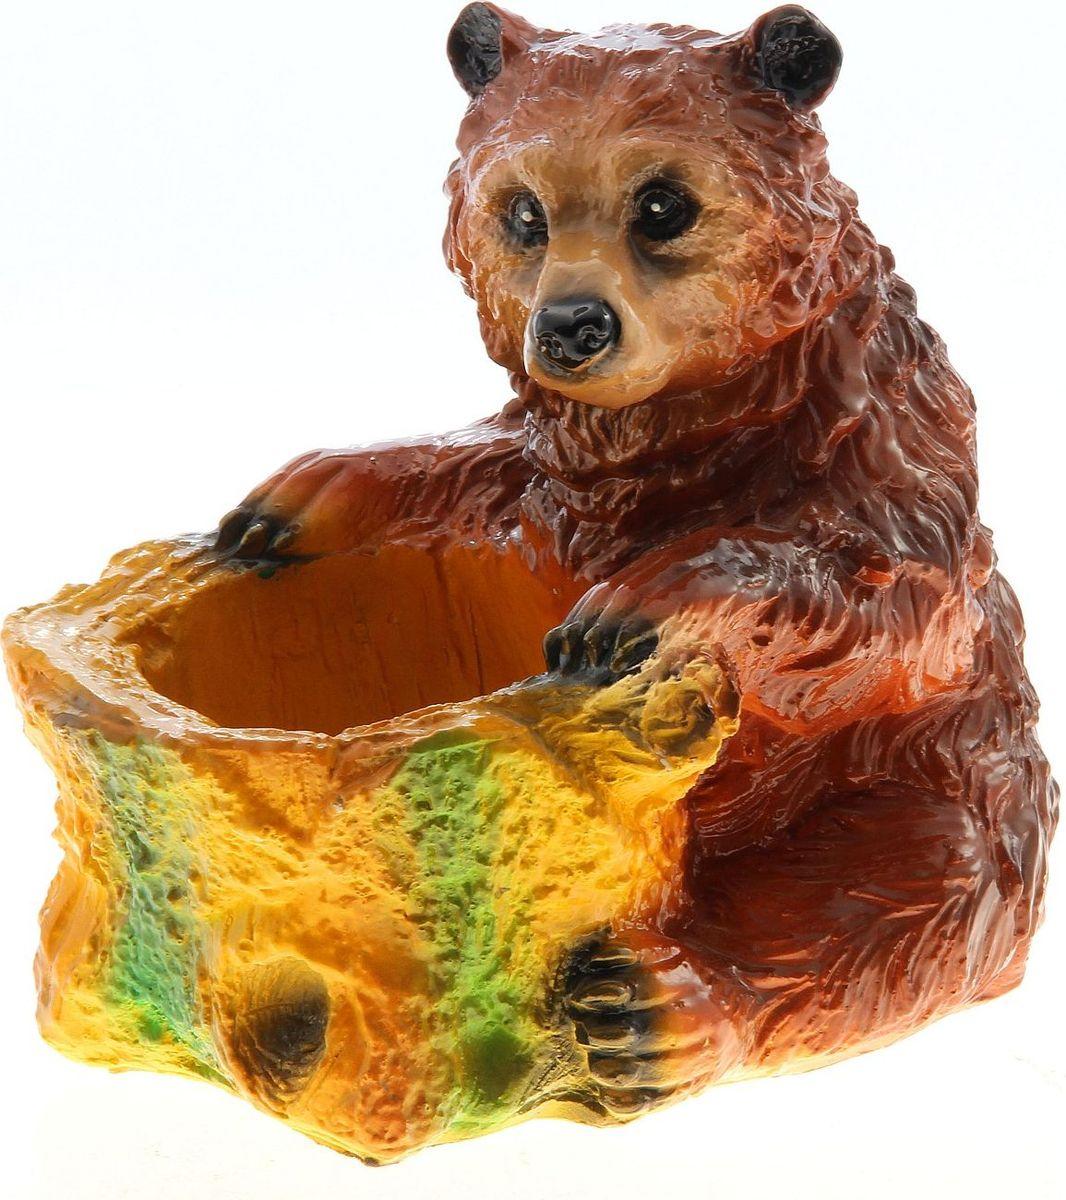 Кашпо Сидящий медведь, 23 х 23 х 16 см746164Комнатные растения — всеобщие любимцы. Они радуют глаз, насыщают помещение кислородом и украшают пространство. Каждому из растений необходим свой удобный и красивый дом. Поселите зелёного питомца в яркое и оригинальное фигурное кашпо. Выберите подходящую форму для детской, спальни, гостиной, балкона, офиса или террасы. #name# позаботится о растении, украсит окружающее пространство и подчеркнёт его оригинальный стиль.